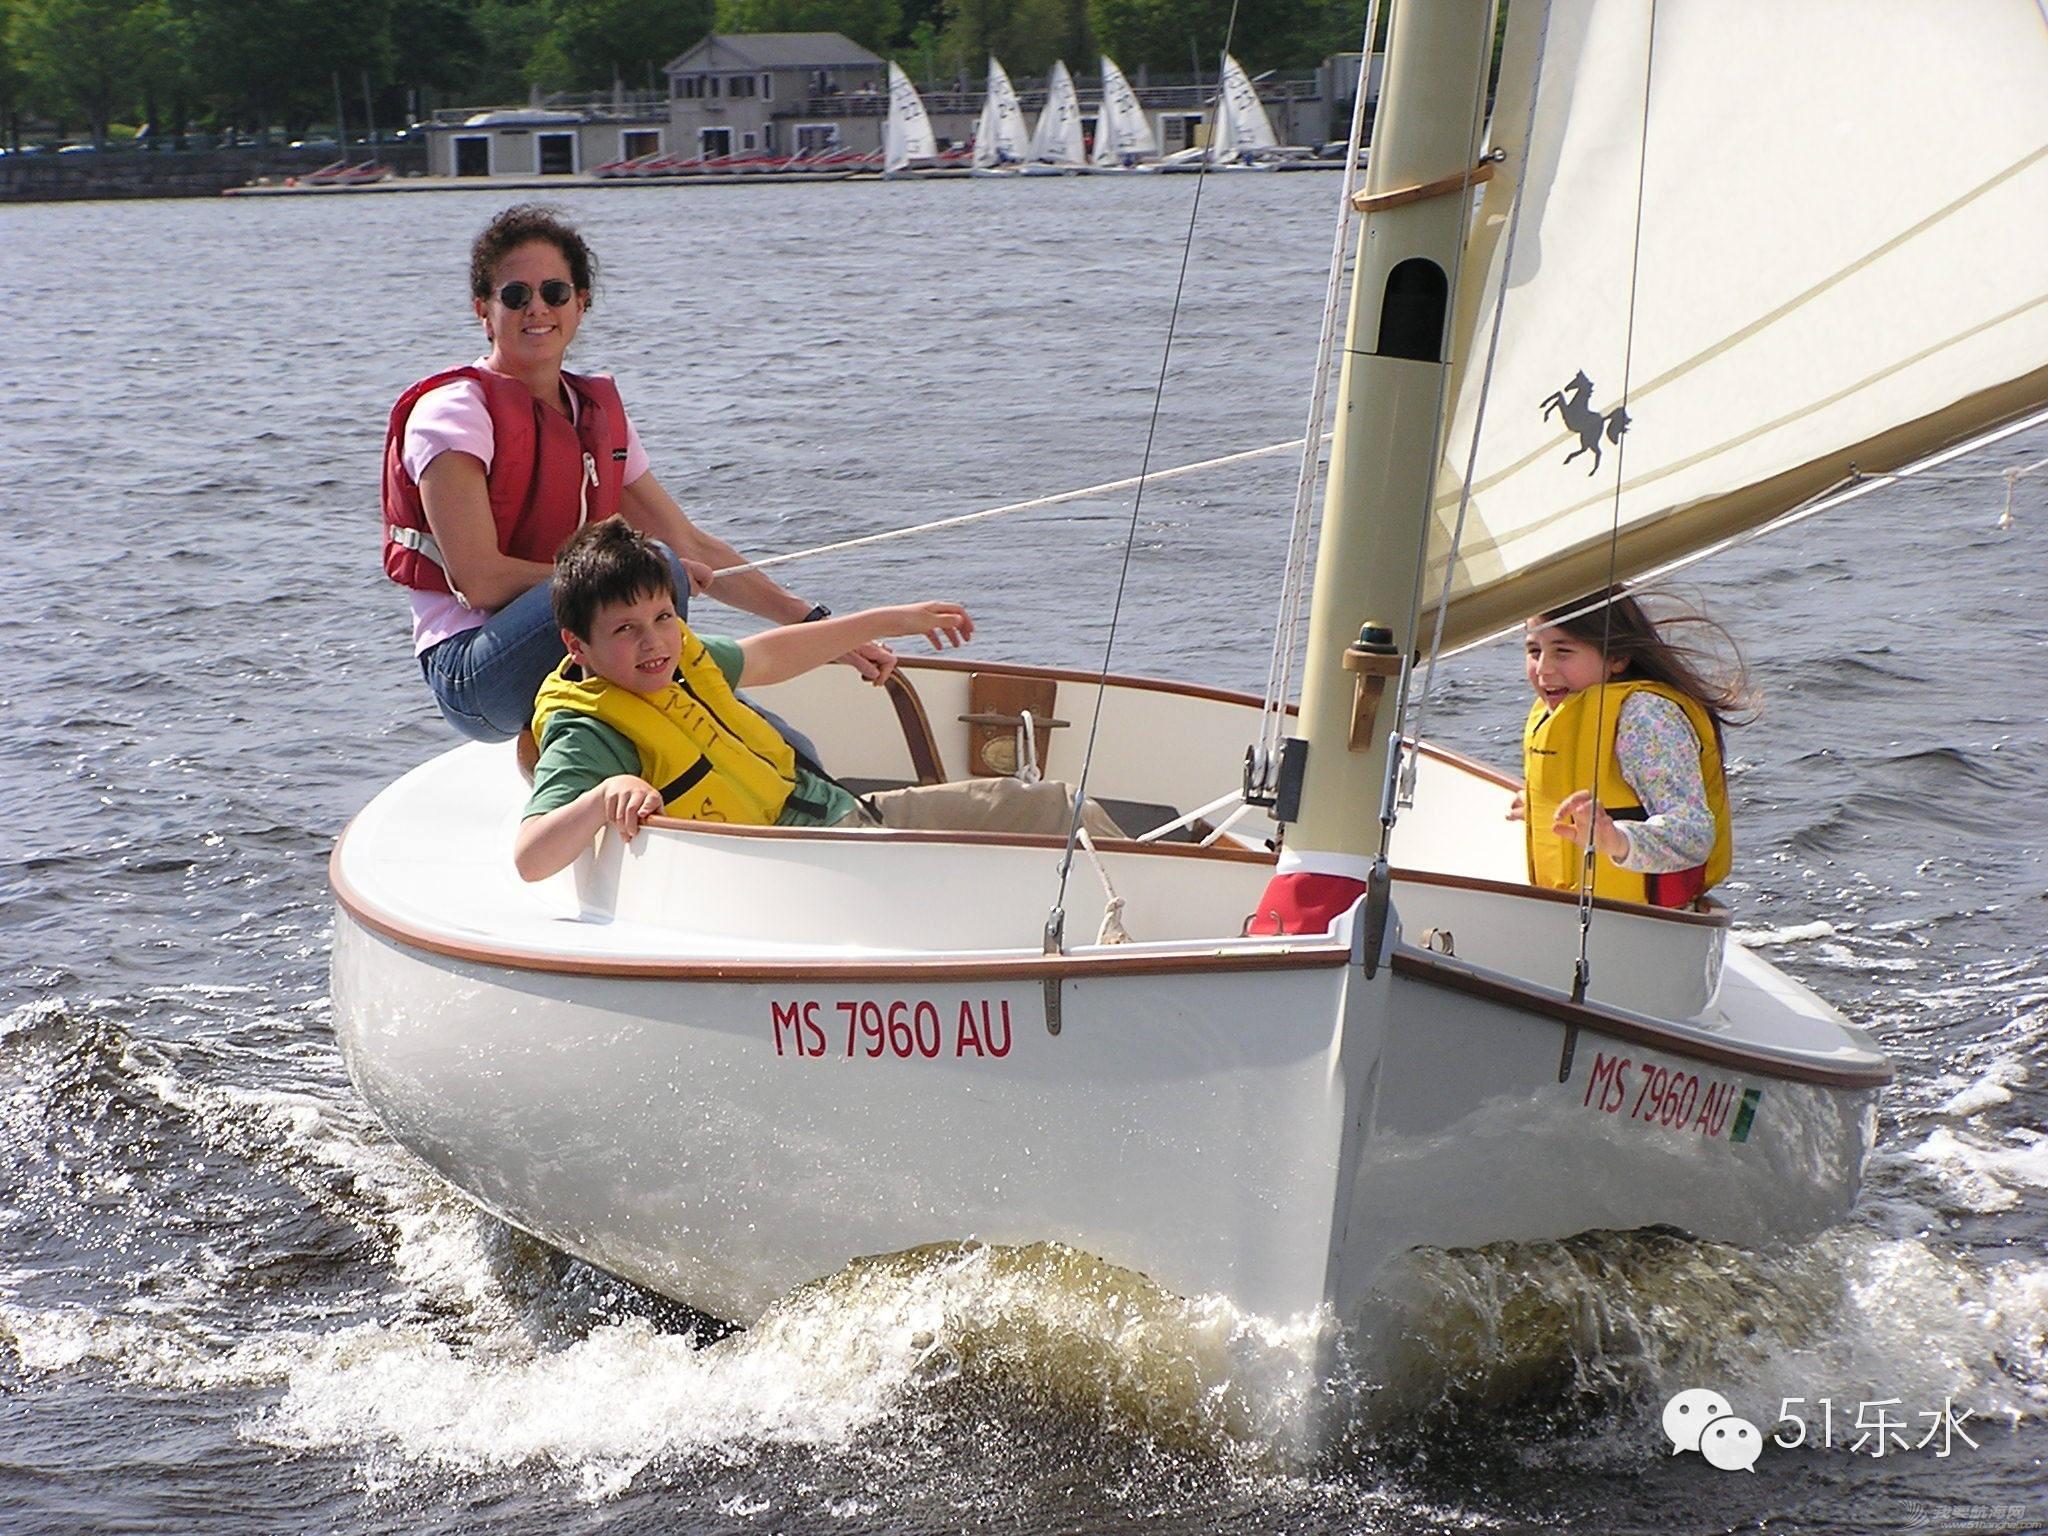 美国大学生,耶鲁大学,麻省理工,剑桥大学,牛津大学 一份来自麻省理工的帆船课程表 433361f07aa30152bd56c17e1b1ab5f4.jpg